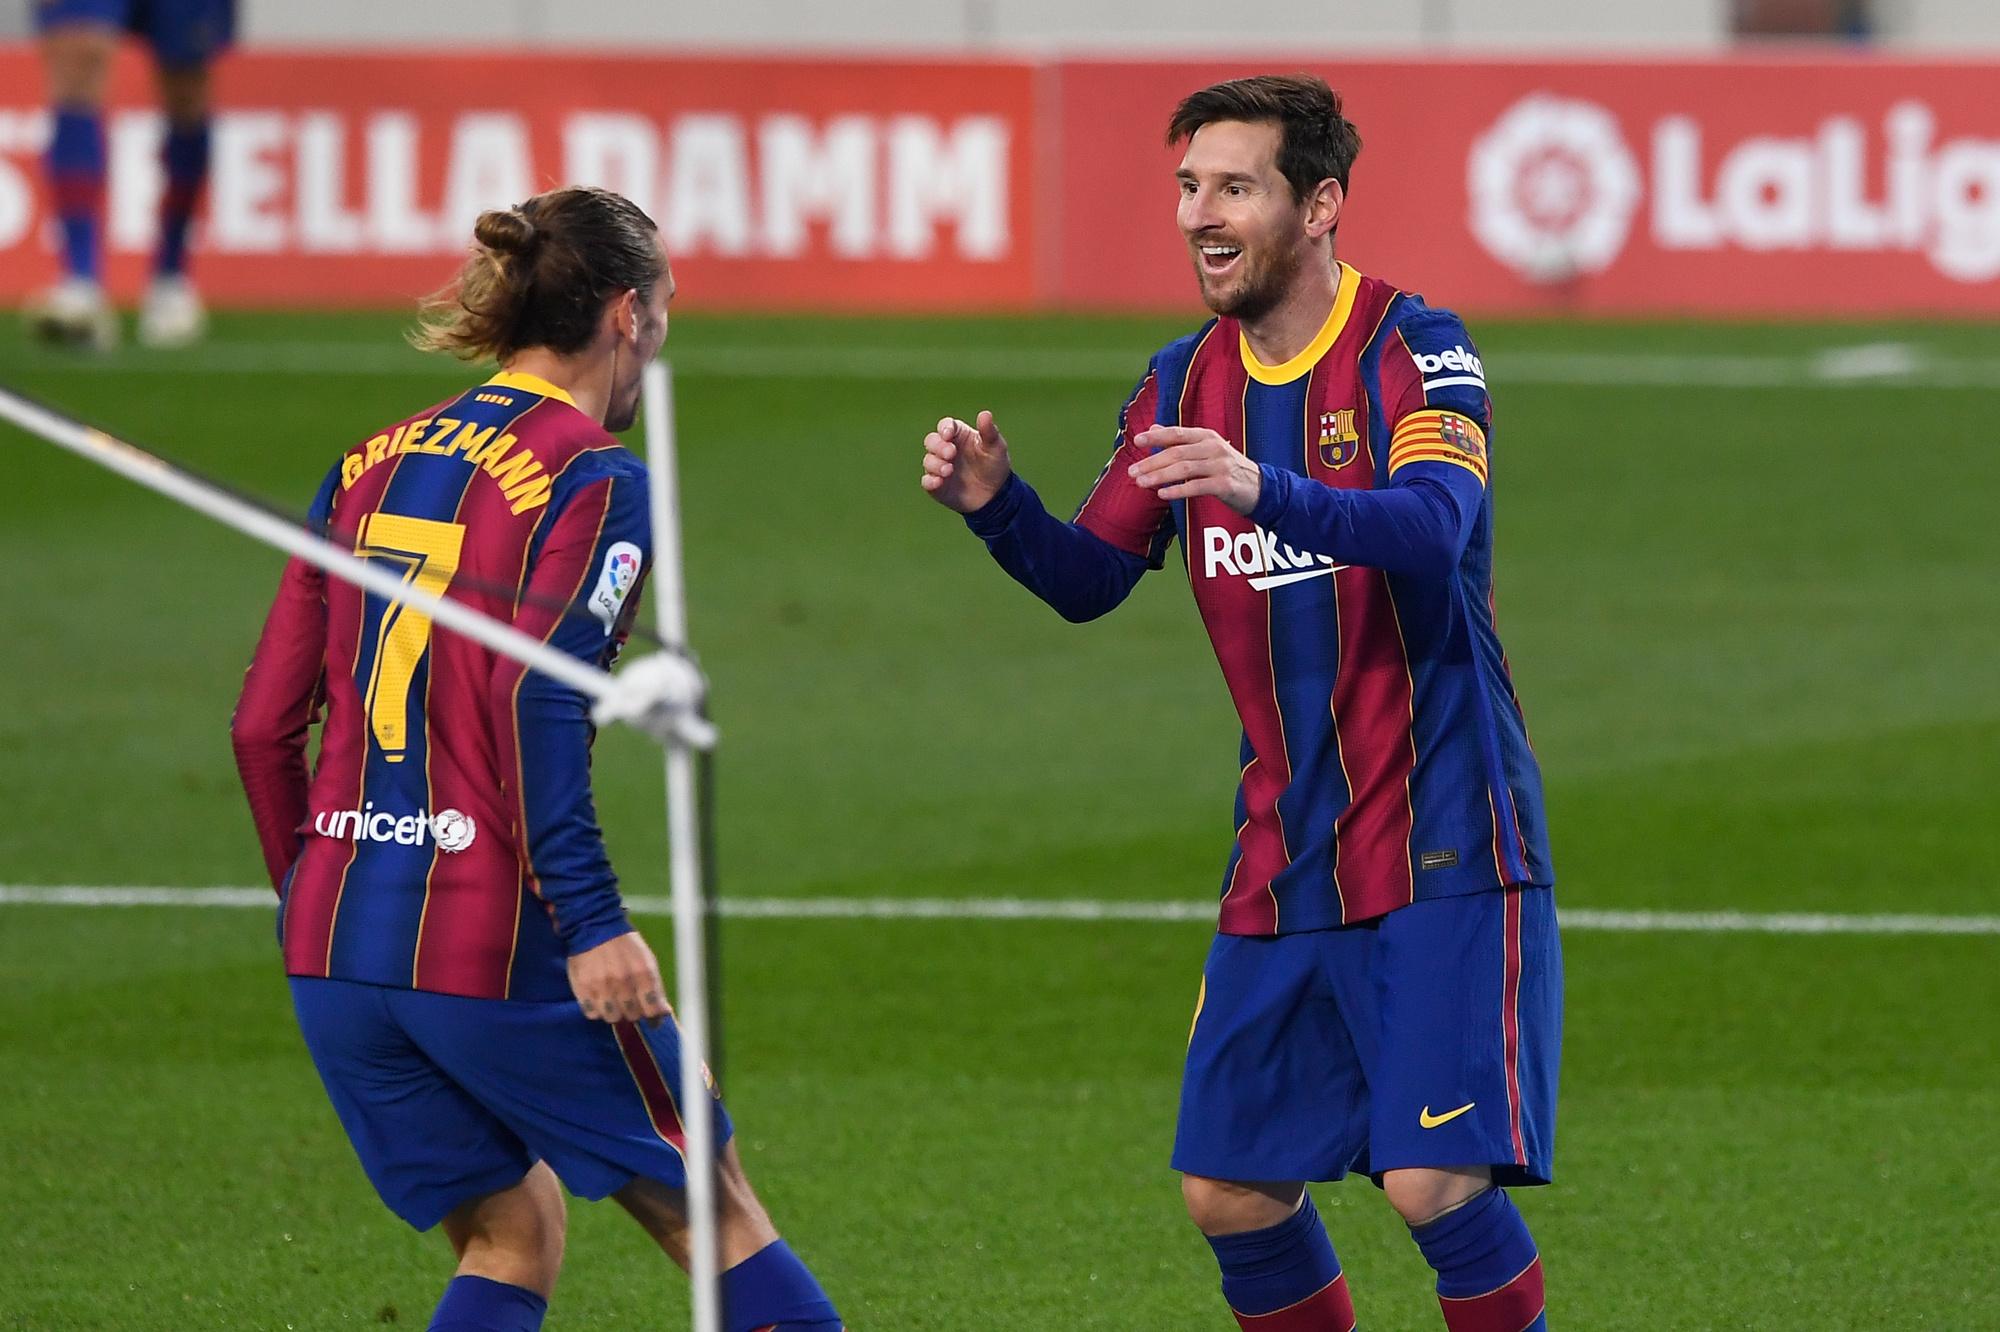 Antoine Griezmann et Lionel Messi : une relation pas si idyllique ?, AFP